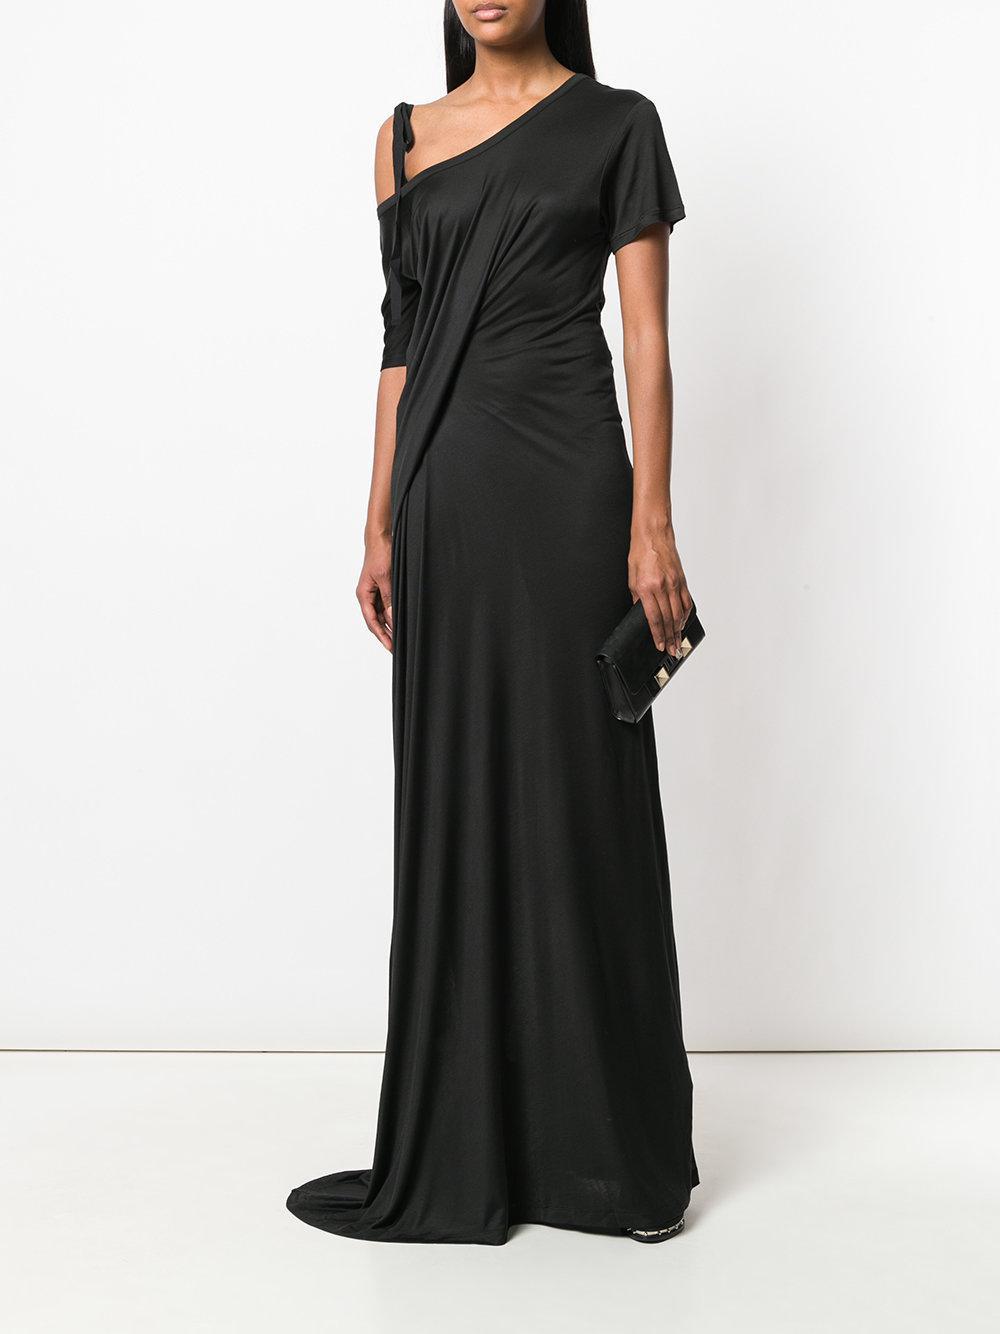 drop-shoulder maxi dress - Black Ann Demeulemeester CbwnzsOKK4